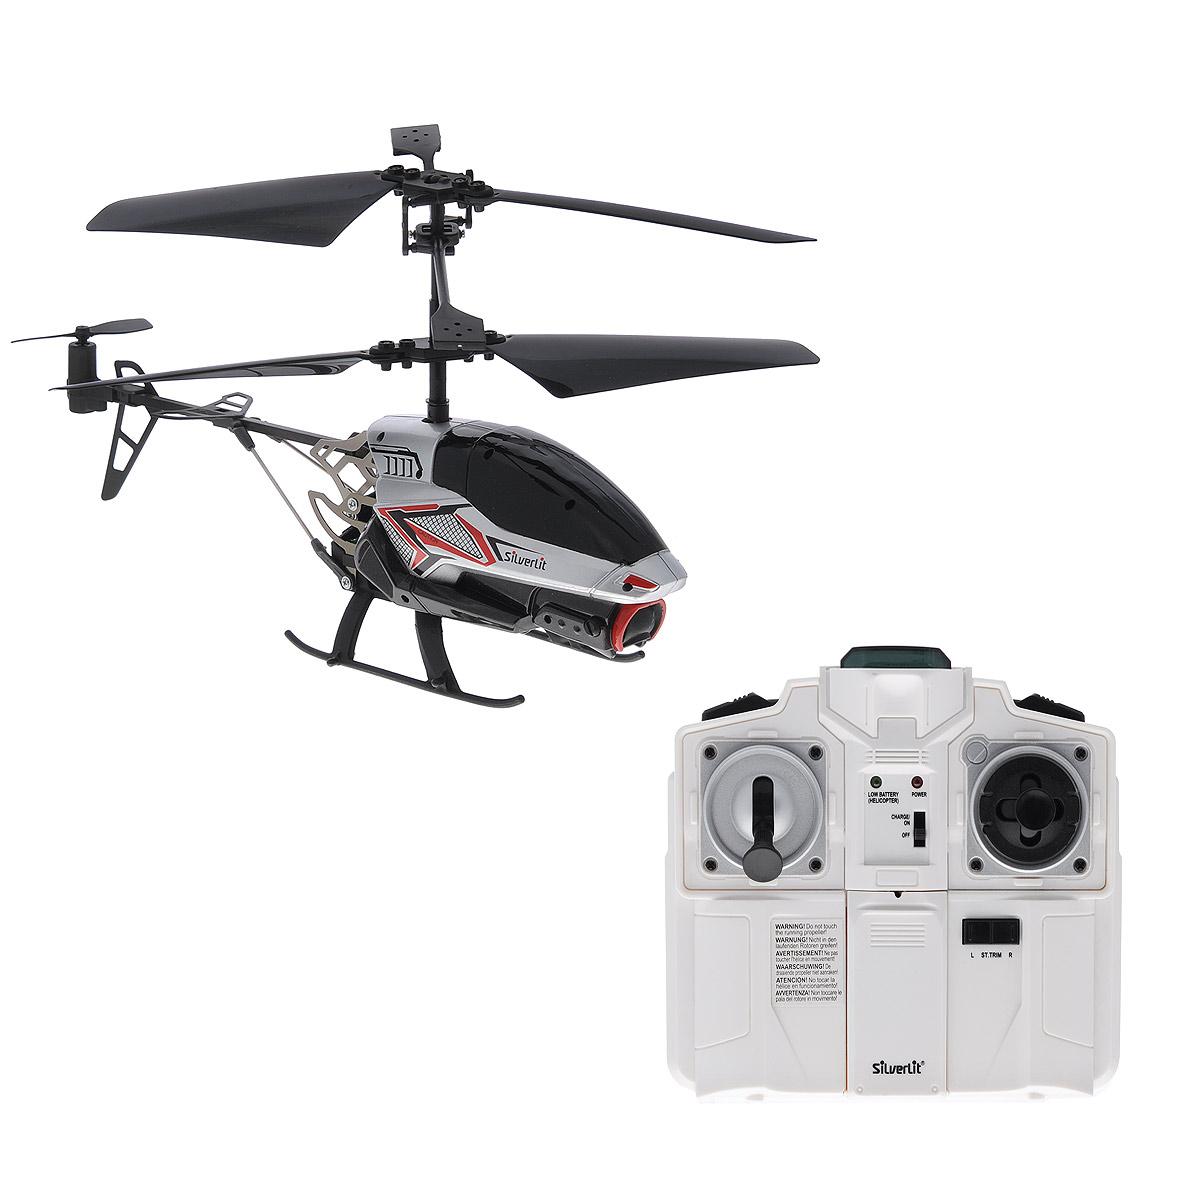 Silverlit Вертолет на радиоуправлении Spy Cam II цвет темно-серый серебристый84601_серРадиоуправляемая модель Silverlit Вертолет Spy Cam II привлечет внимание не только ребенка, но и взрослого, и станет отличным подарком любителю воздушной техники. Вертолет оснащен встроенным гироскопом, который помогает скорректировать и устранить нежелательные вращения корпуса вертолета. Благодаря гироскопу сохраняется высокая устойчивость полета, что позволяет полностью контролировать его процесс, управляя без суеты и страха сломать игрушку. Каркас вертолета выполнен из пластика с использованием металла. Вертолет имеет трехканальное дистанционное управление, с помощью пульта управления можно менять скорость полета, а также проделывать фигуры высшего пилотажа. Модель вертолета идеально подходит для игры как внутри помещения, так и на улице. Вертолет оснащен функцией фото и видеосъемки, позволяющей отснять видео длительностью 3 минуты или сделать 100 фотографий. Есть разъем под microSD-карту. Зарядка аккумулятора осуществляется от USB-провода или пульта...